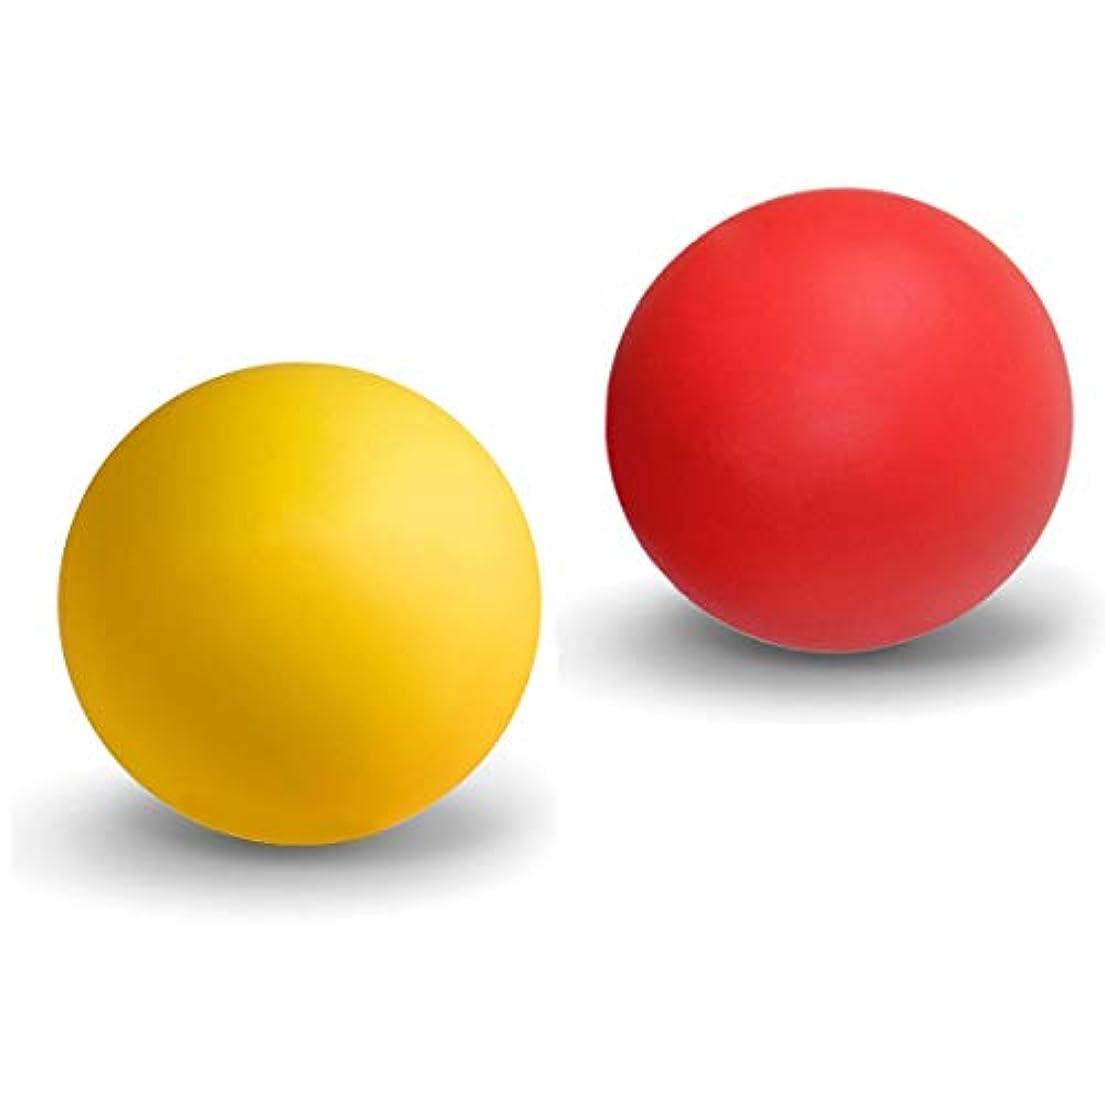 余裕がある物足りない失マッサージボール ストレッチボール トリガーポイント ラクロスボール 筋膜リリース トレーニング 指圧ボールマッスルマッサージボール 背中 肩こり 腰 ふくらはぎ 足裏 ツボ押しグッズ 2で1組み合わせ 2個 セット